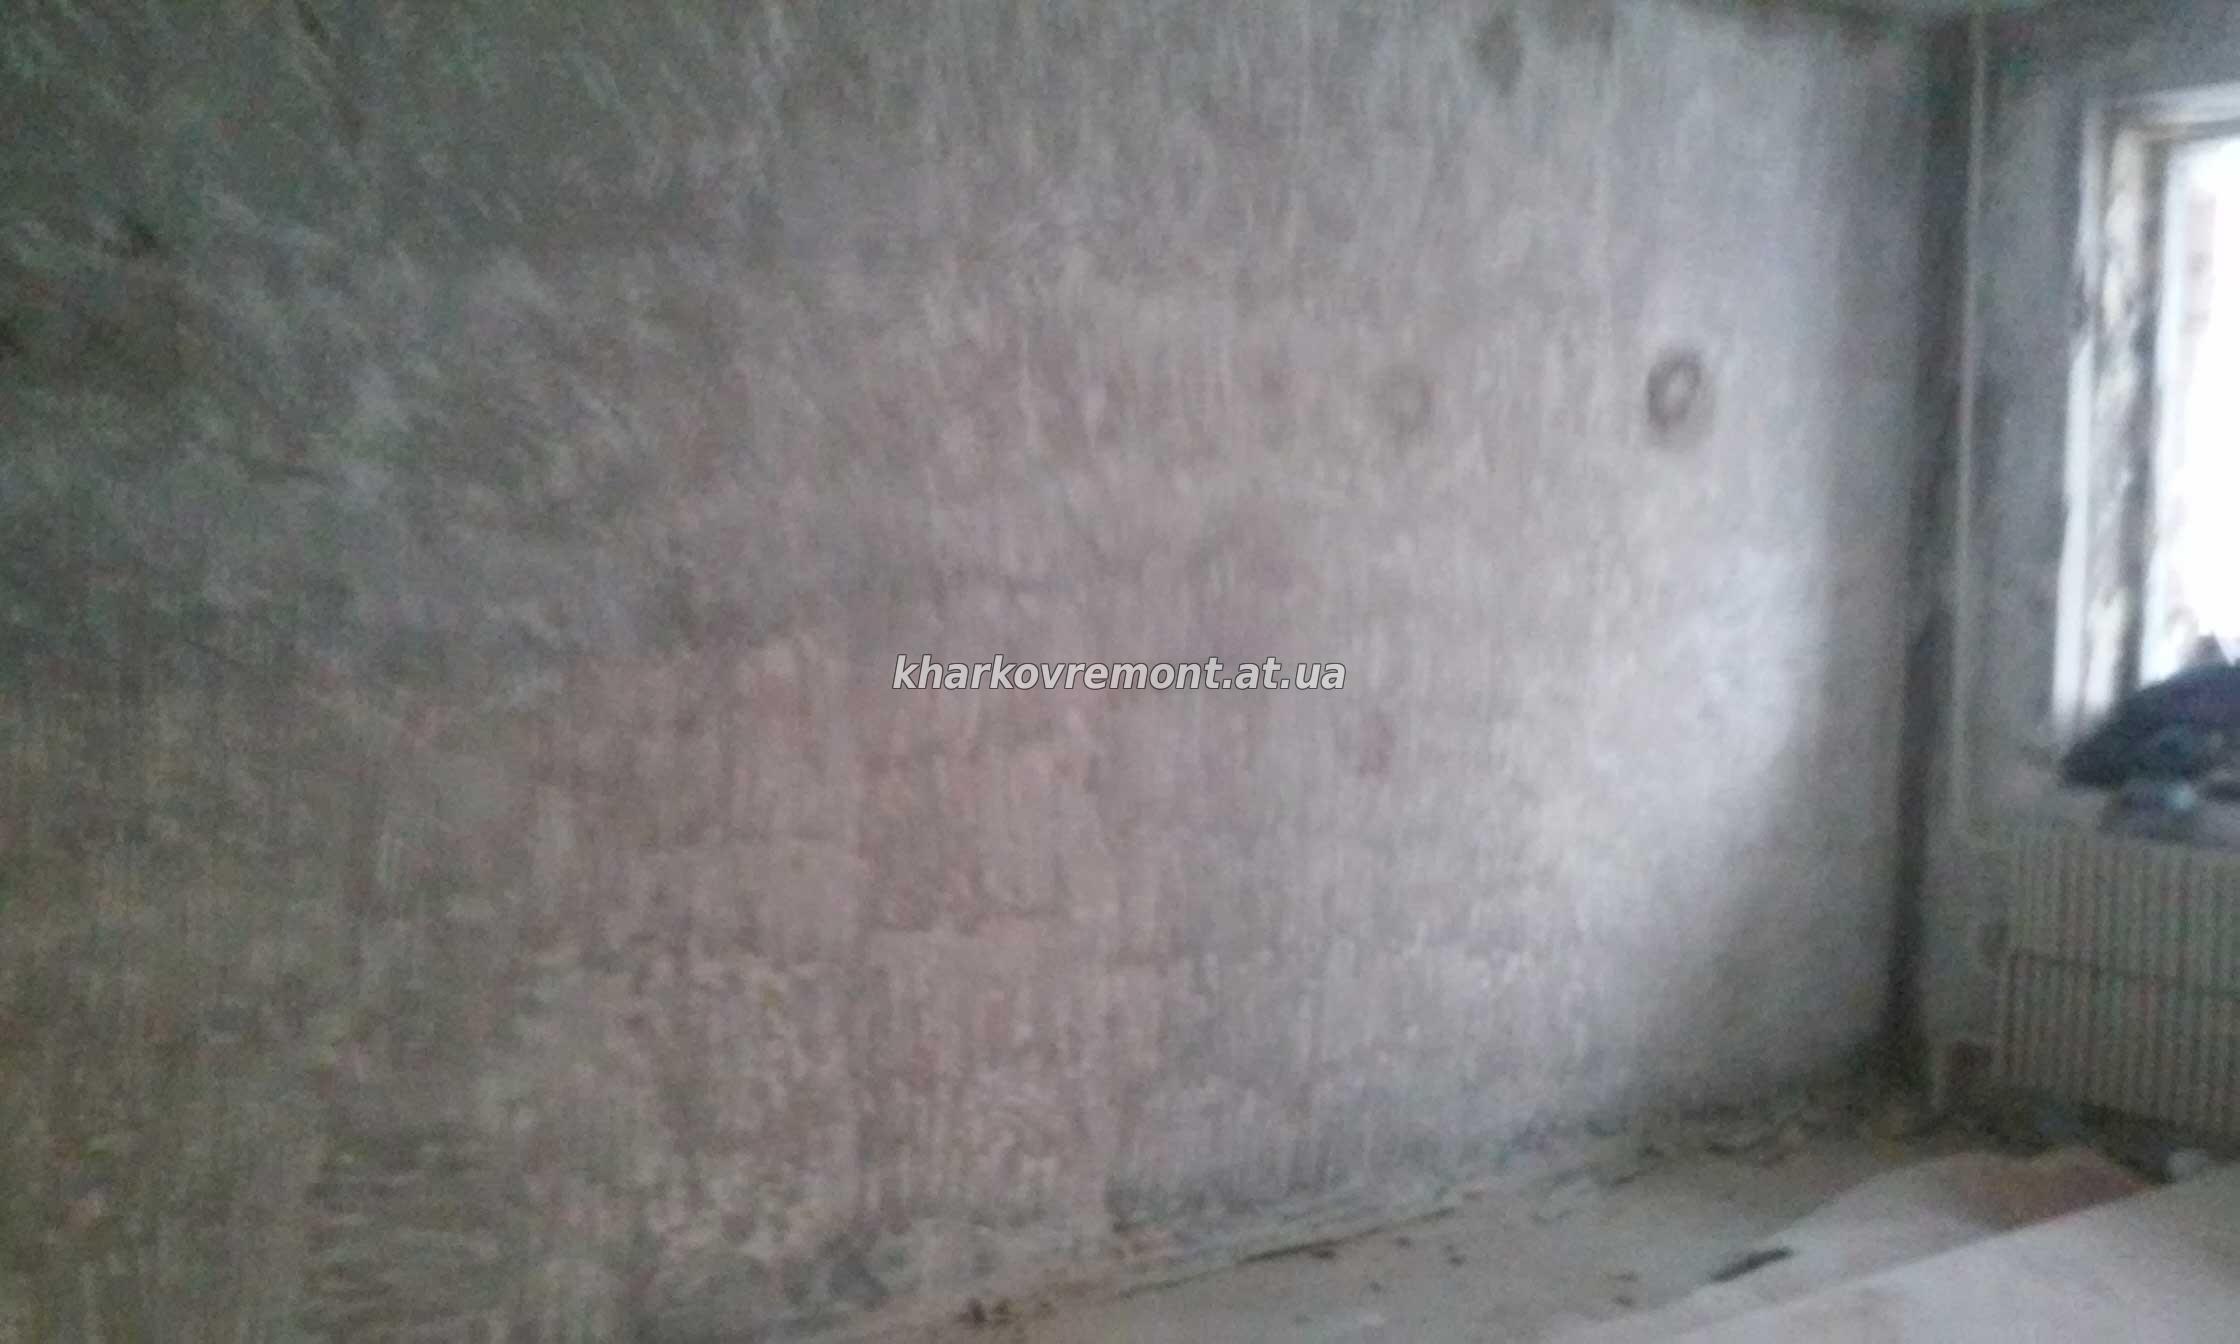 Подготовка квартиры к ремонту Харьков